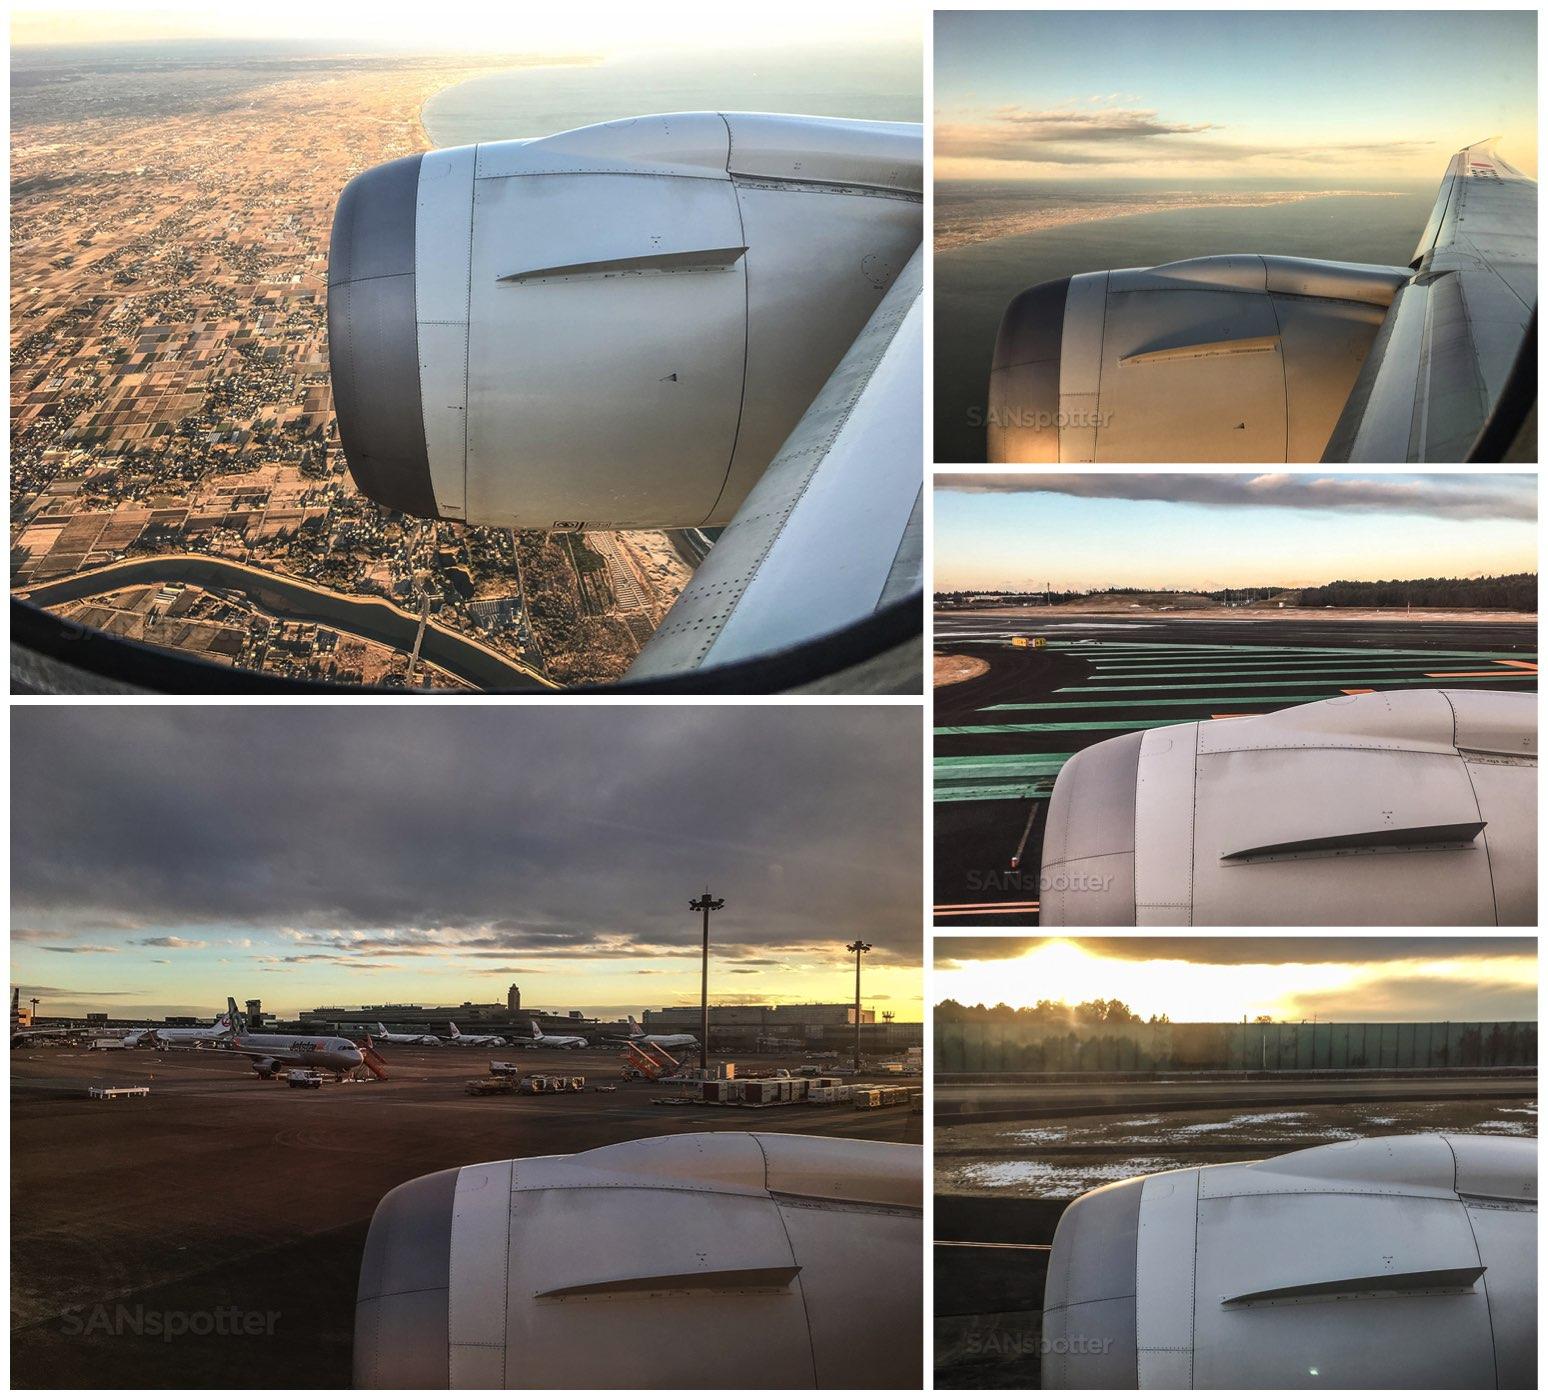 Landing at Narita airport Japan Airlines 787